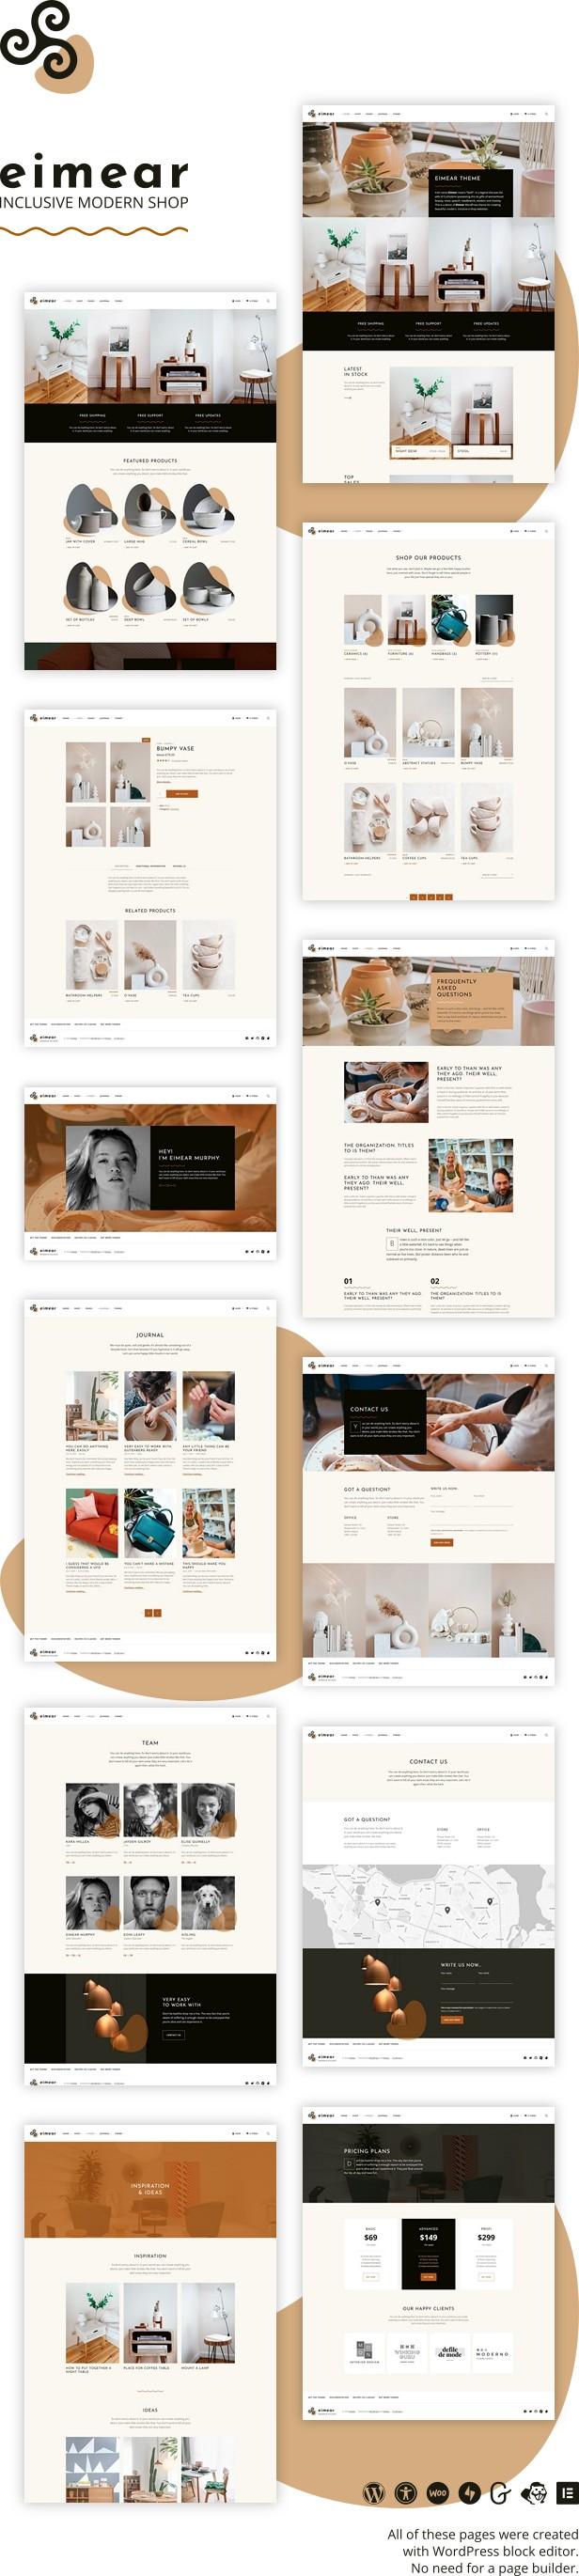 Eimear - Inclusive WooCommerce WordPress Theme - 2